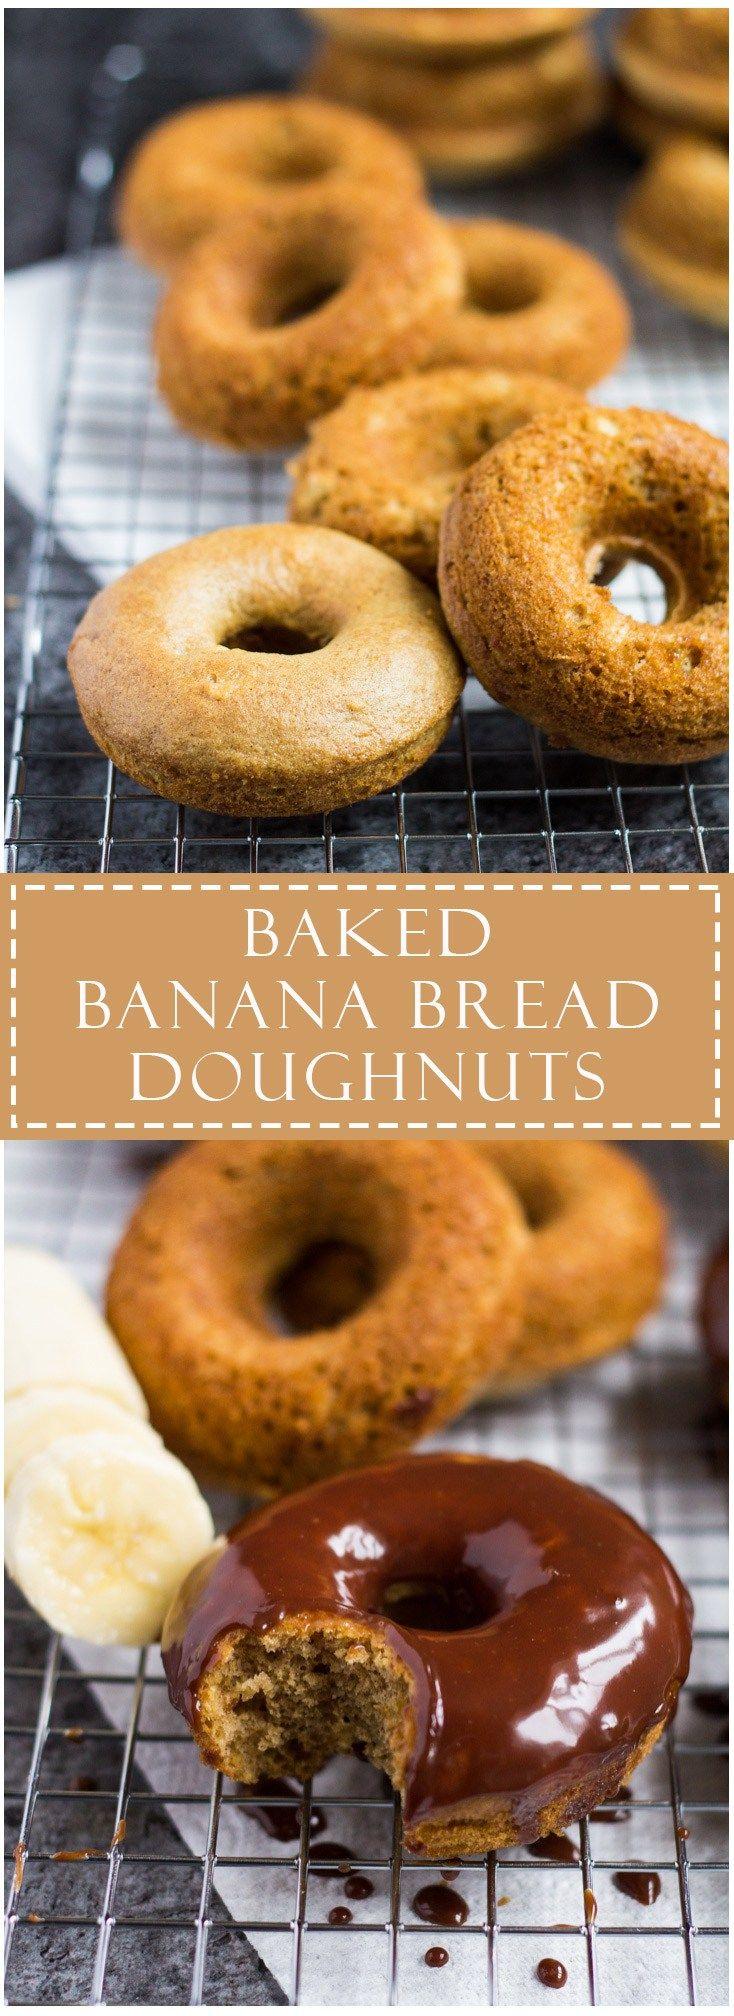 Baked Banana Bread Doughnuts with Milk Chocolate Glaze | Marsha's Baking Addiction #SoFabFood